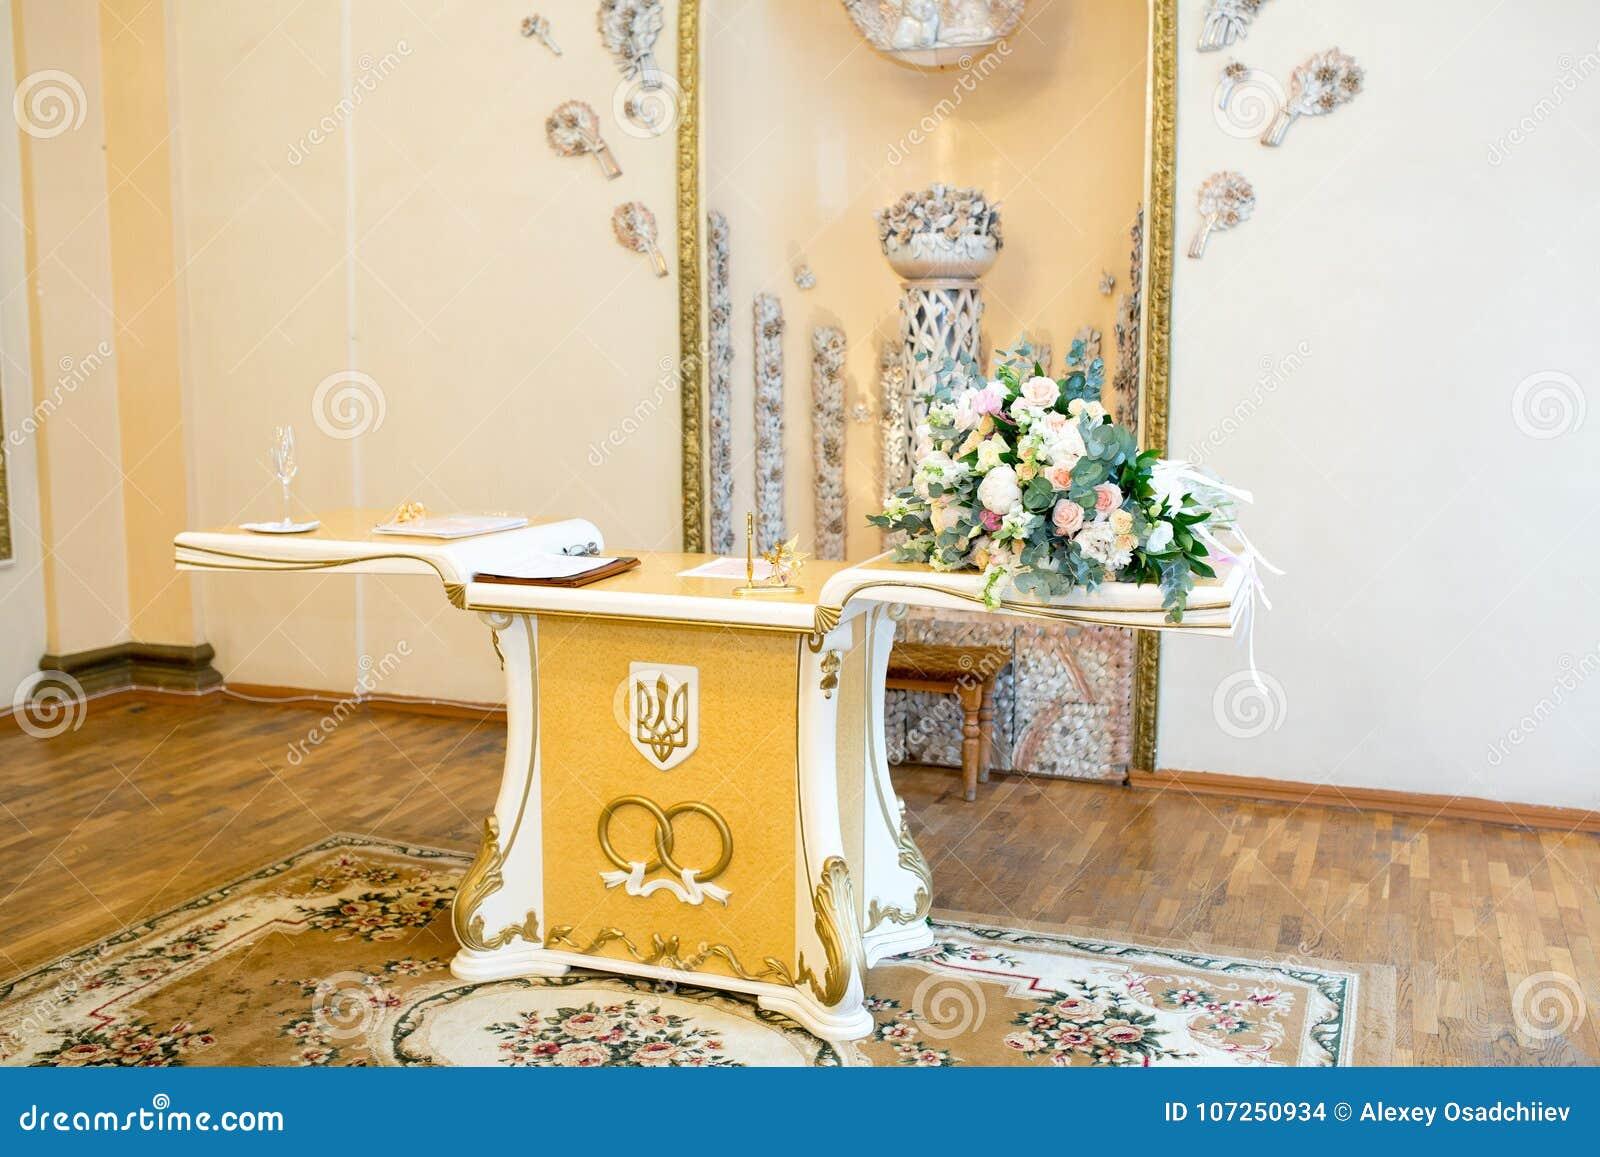 Big wedding room stock photo. Image of beautiful, happy - 107250934